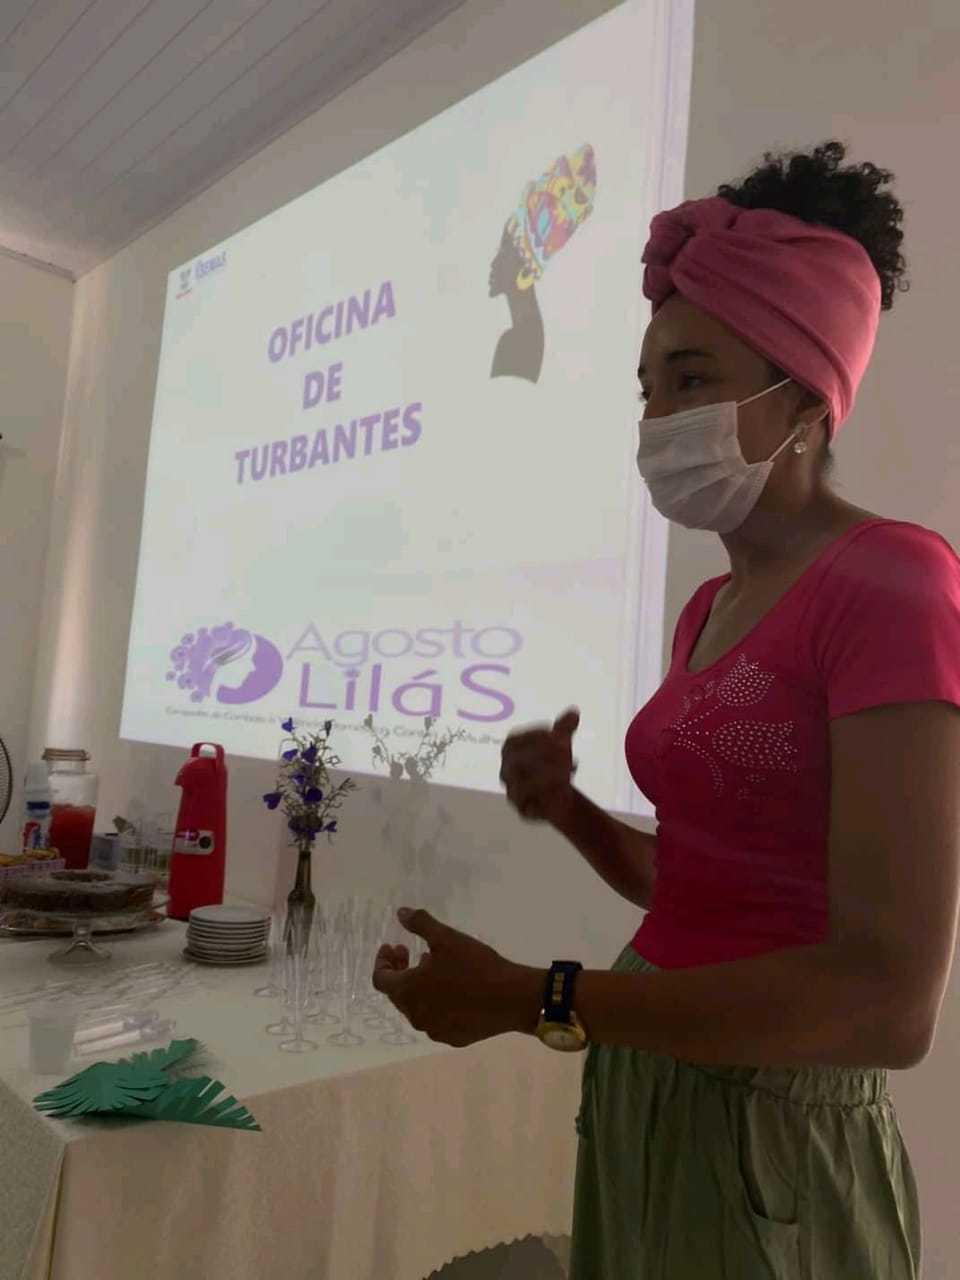 Jacqueline ministrando uma oficina sobre turbantes. (Foto: Arquivo Pessoal)